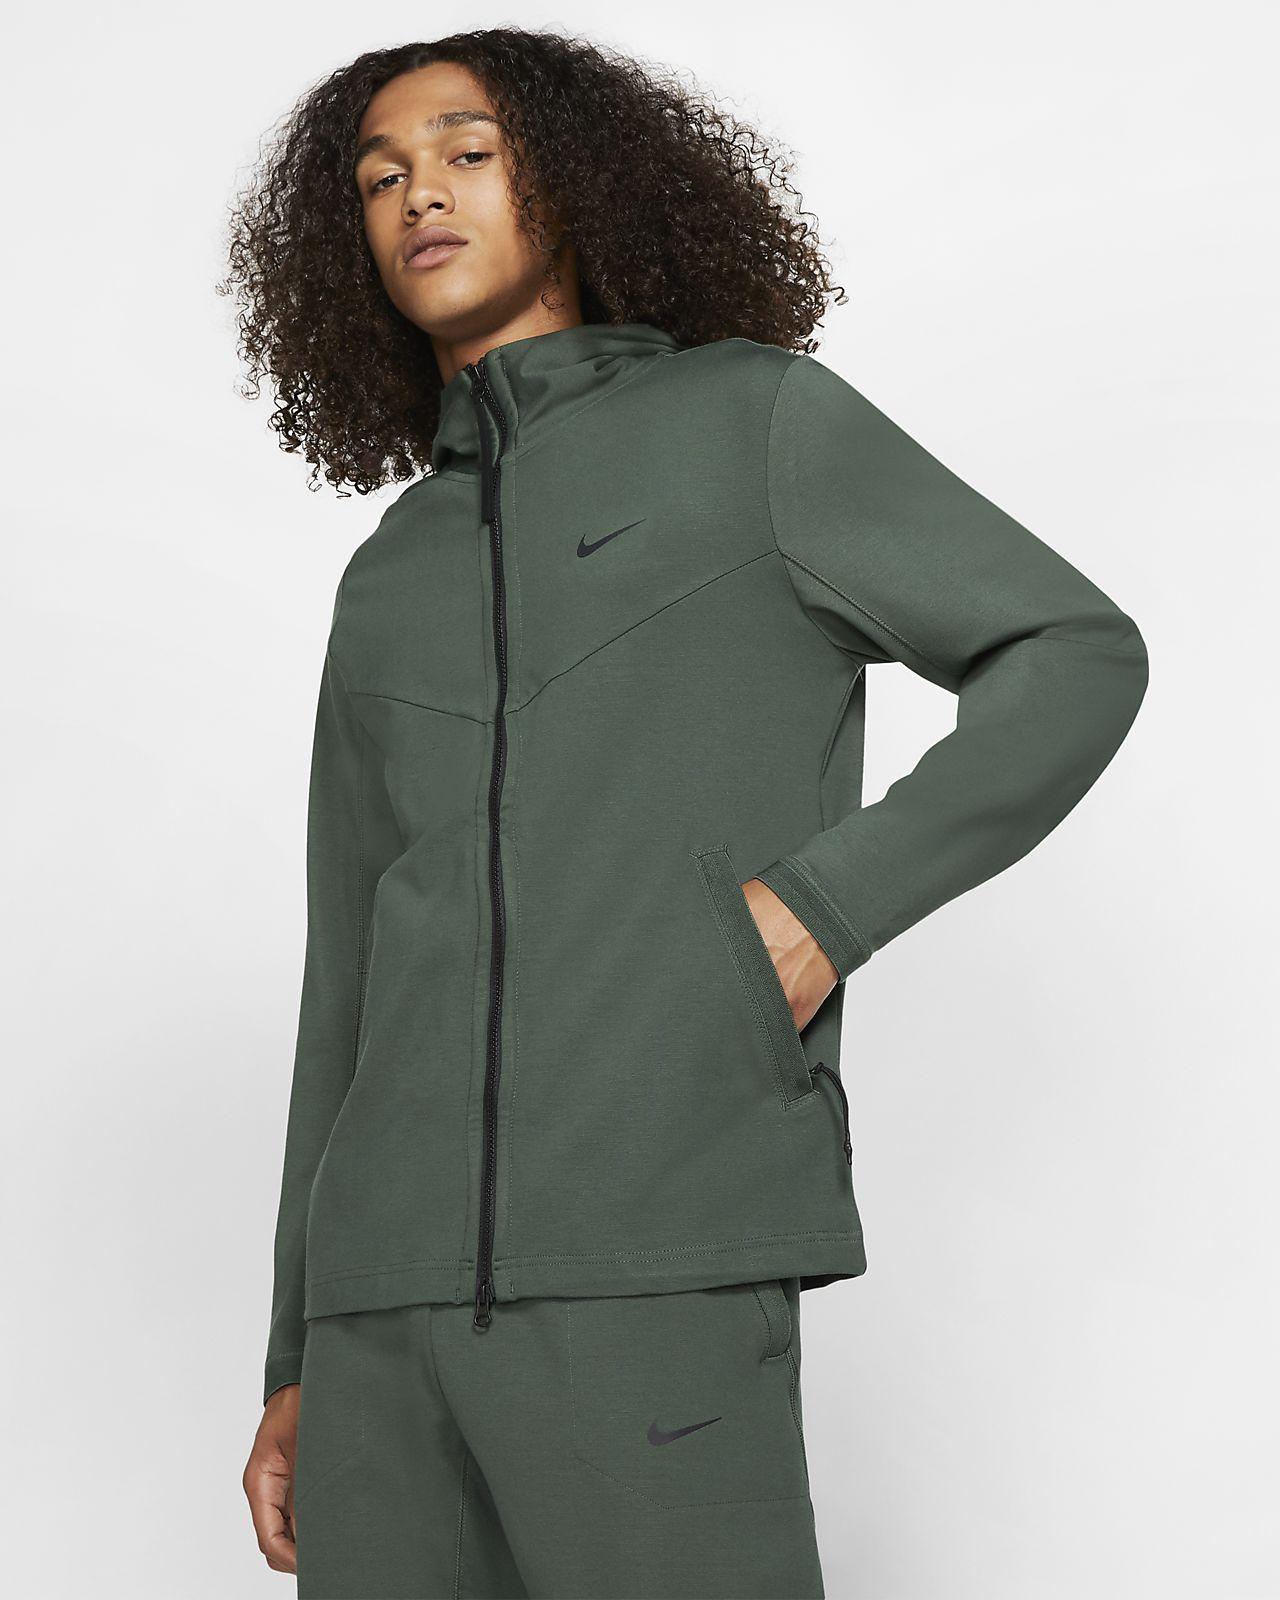 Pánská bunda Nike Sportswear Tech Pack s kapucí a zipem po celé délce